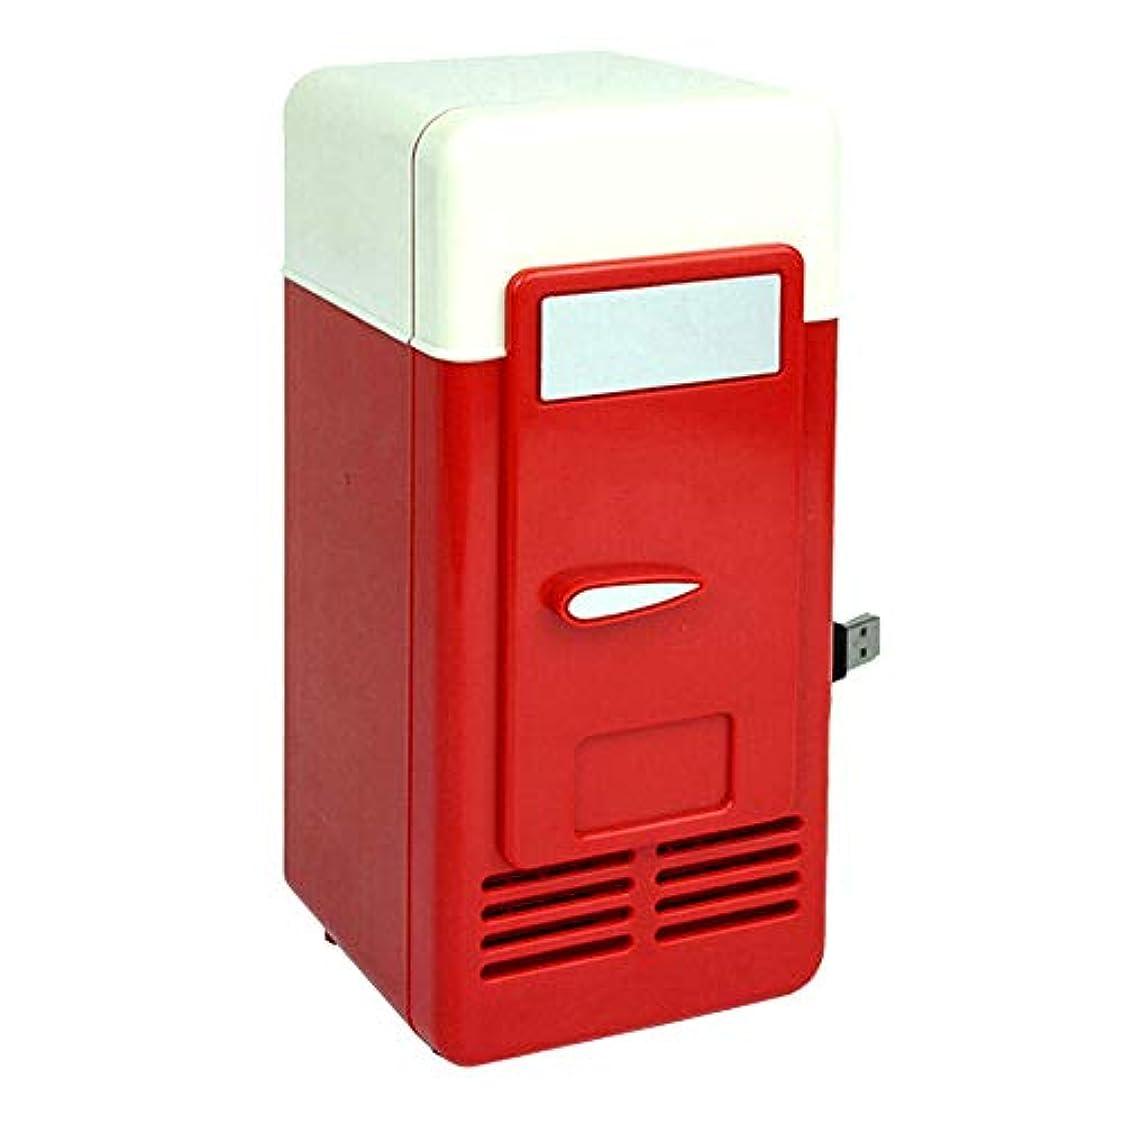 全部申請中発見するRETYLY USBミニ冷蔵庫コールドドロップドッピング冷凍庫USBミニ冷蔵庫小型ポータブルソーダミニ冷蔵庫 カー用レッド